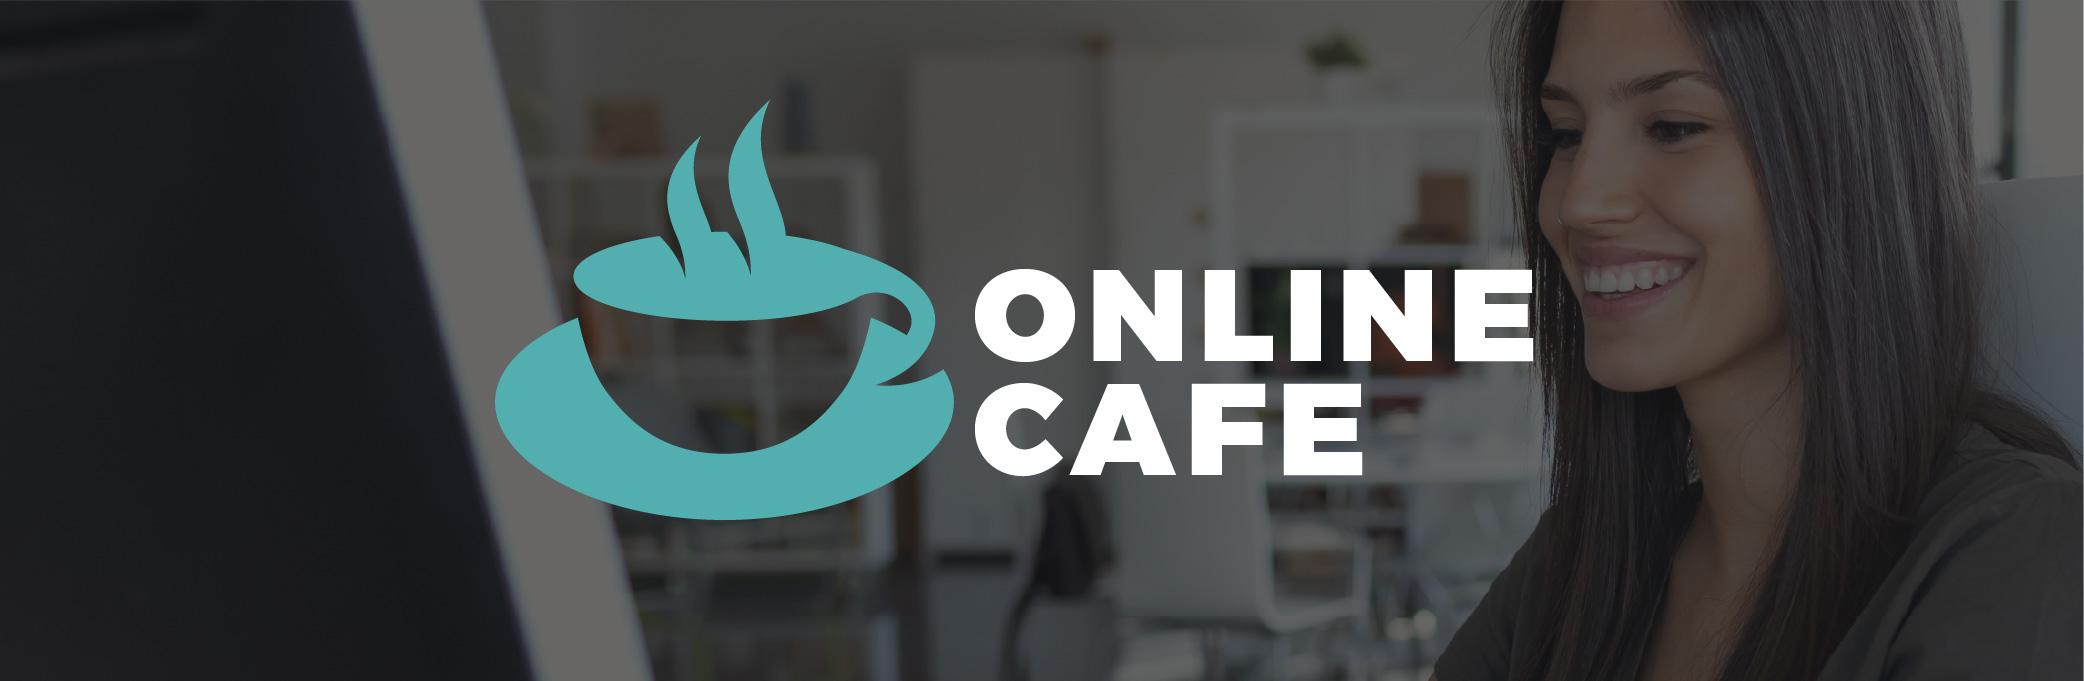 Online Cafe banner